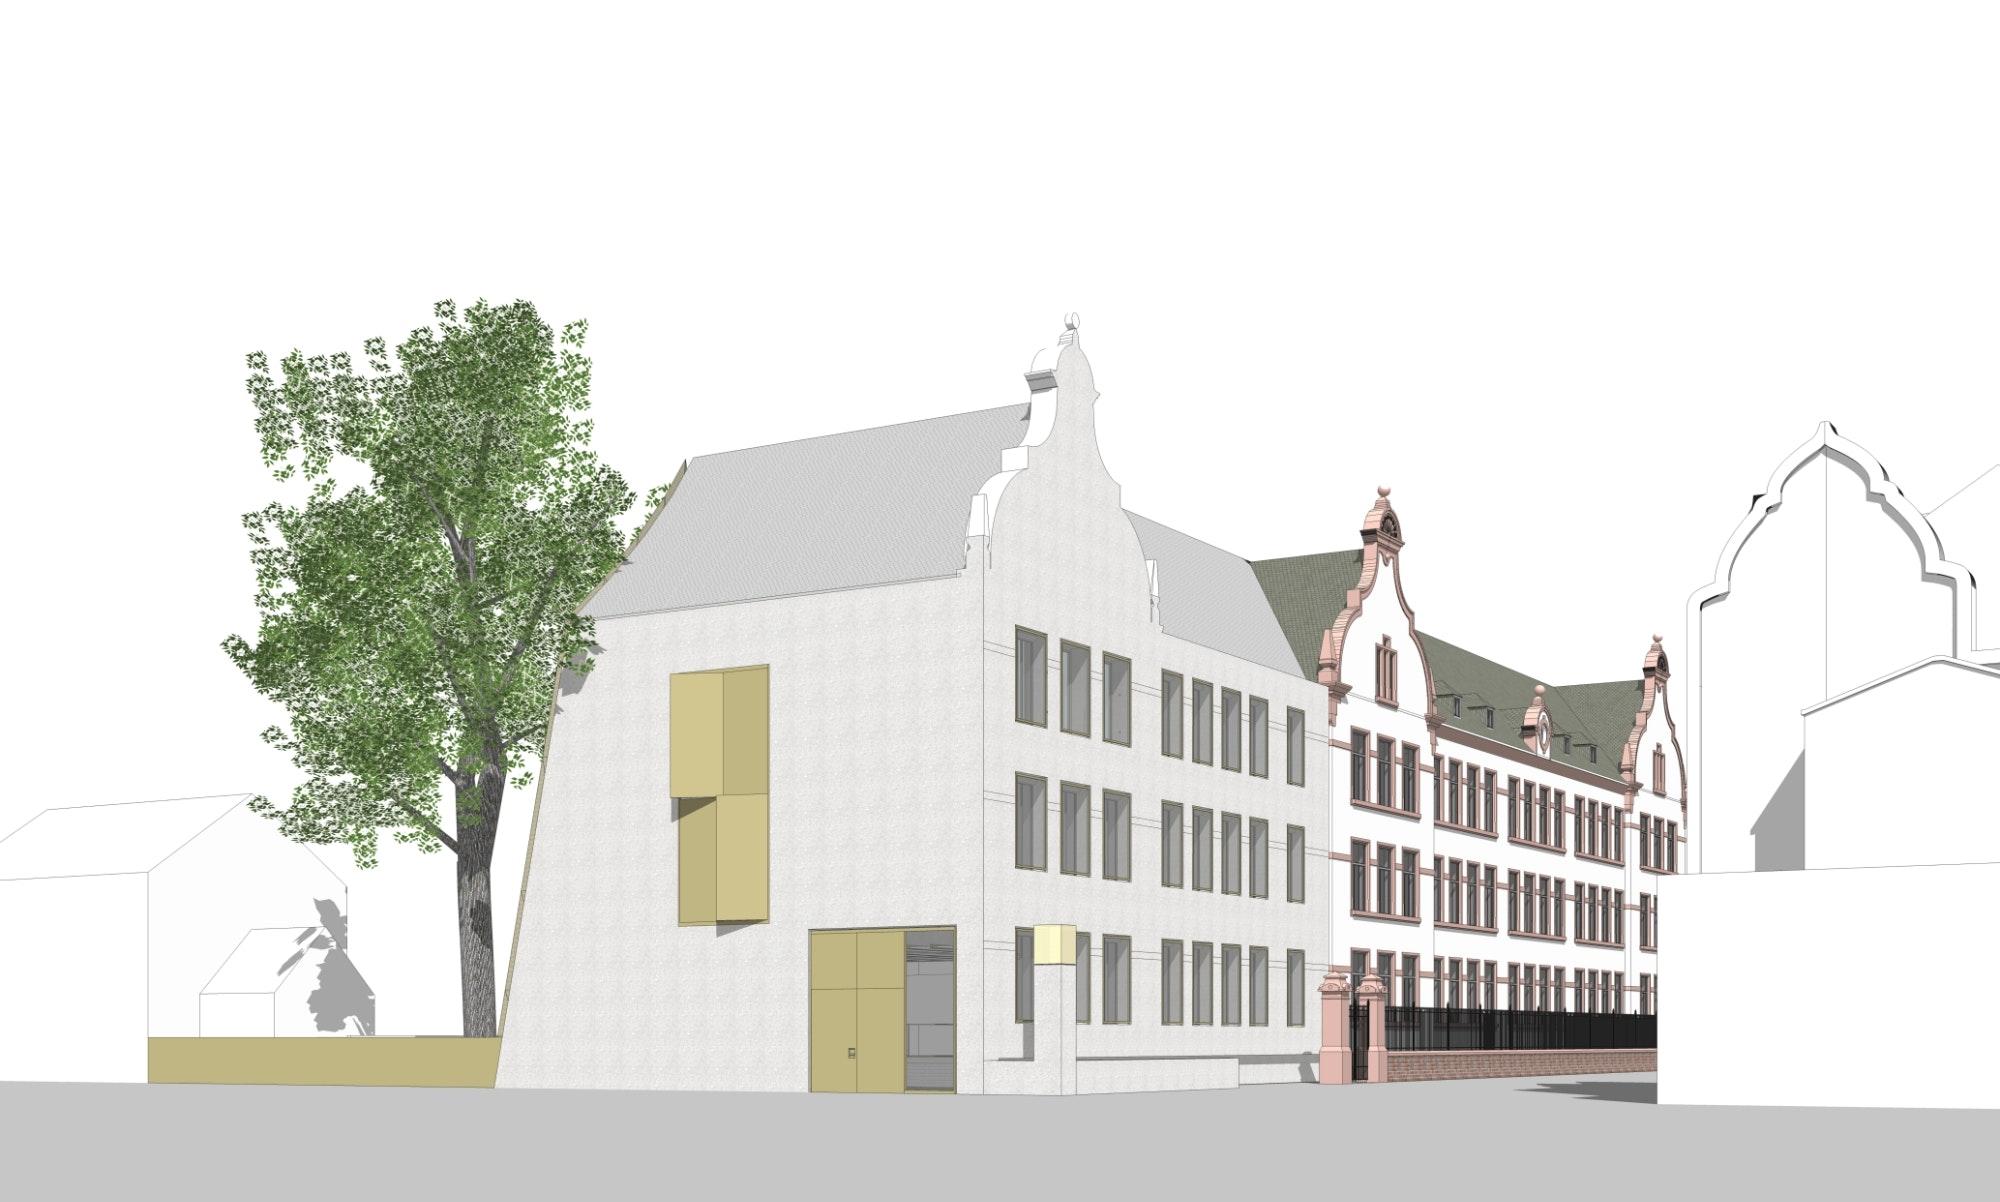 hostatoschule-anbau_2020_dbn_architekten.jpg